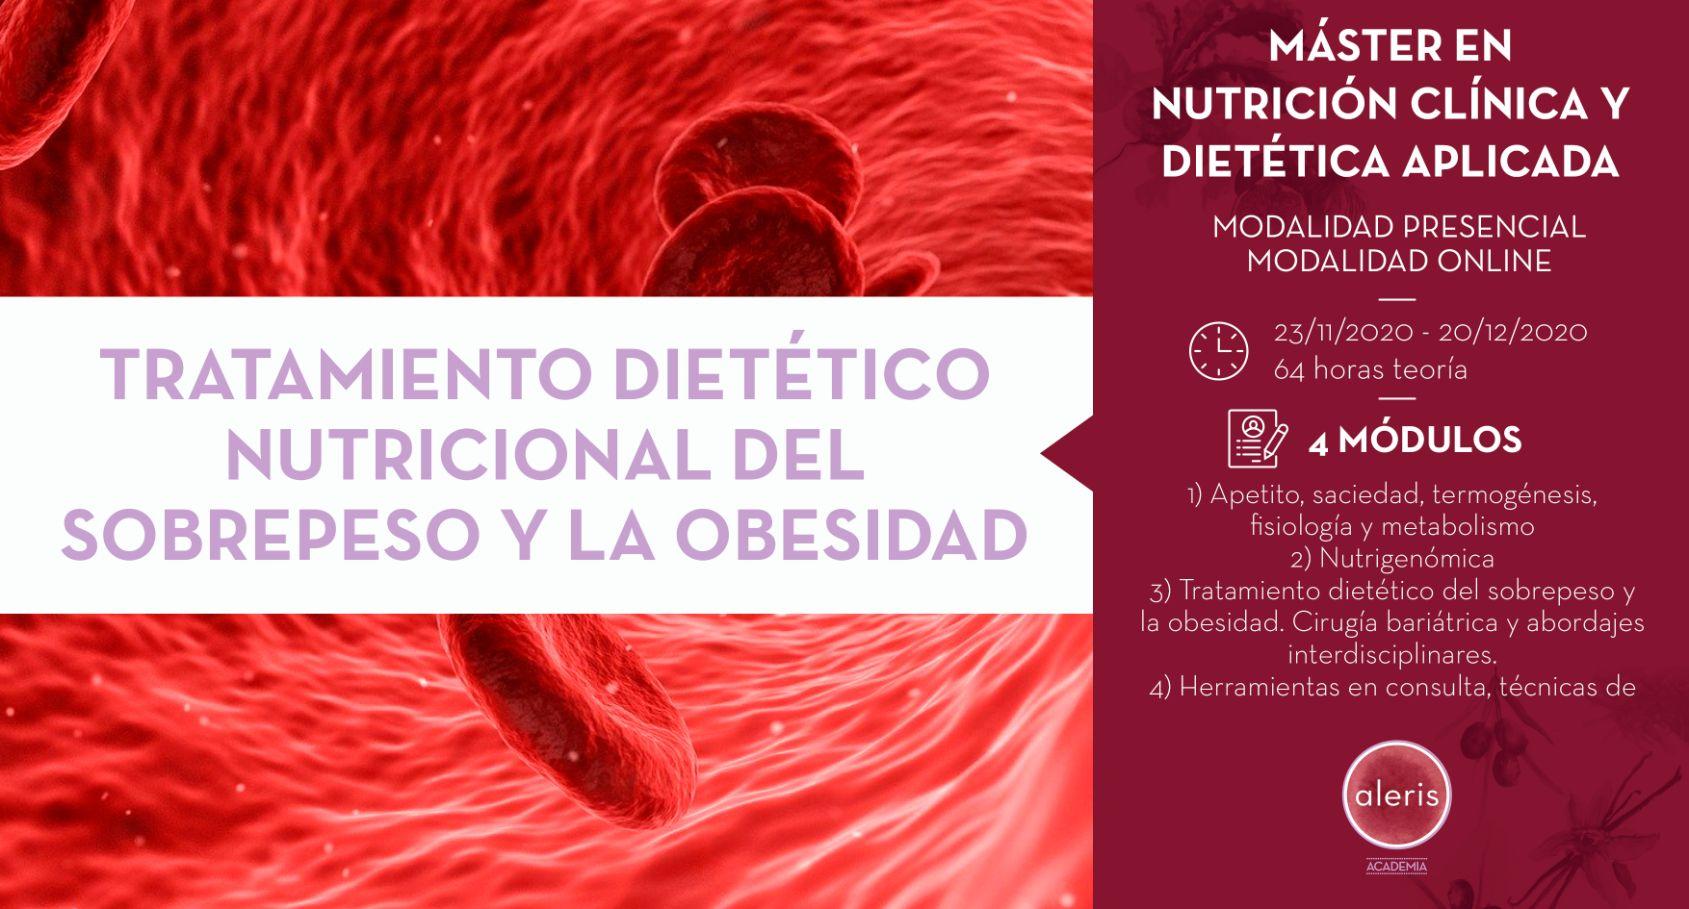 TRATAMIENTO DIETÉTICO-NUTRICIONAL DEL SOBREPESO Y LA OBESIDAD